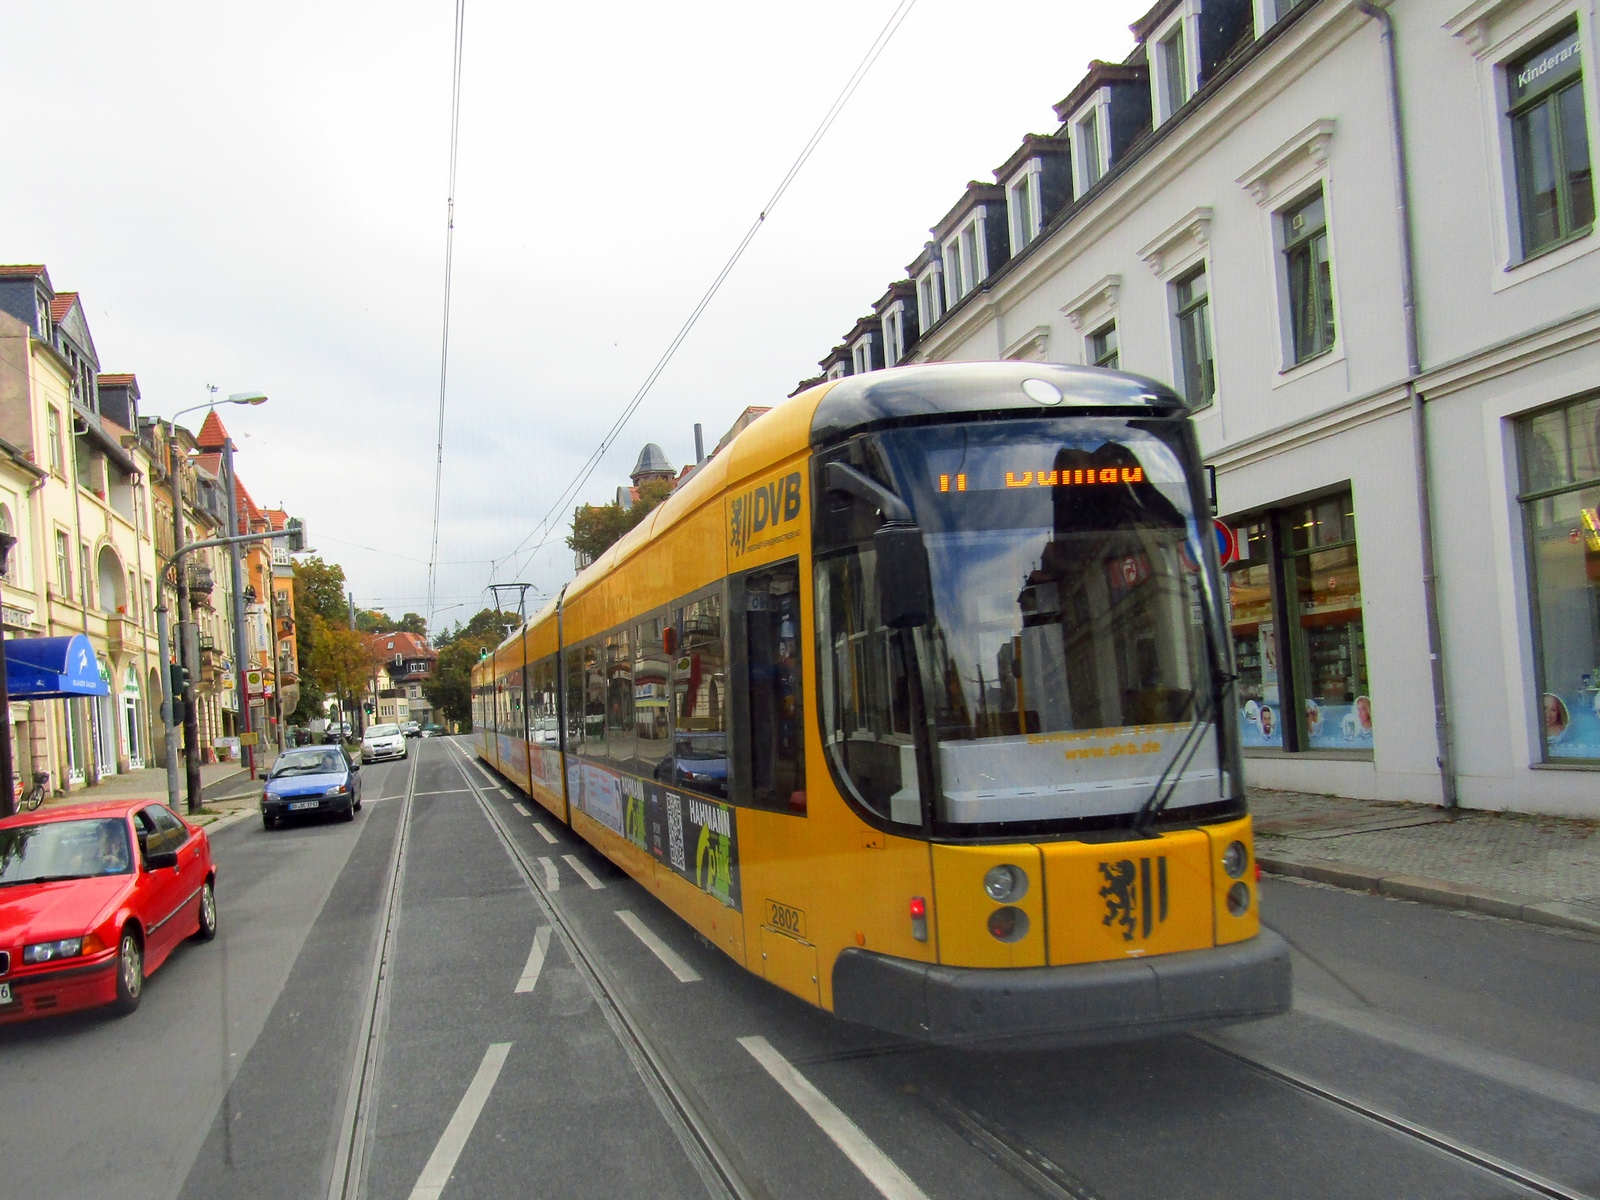 Жовта автобусна проїжджаючи вниз по вулиці